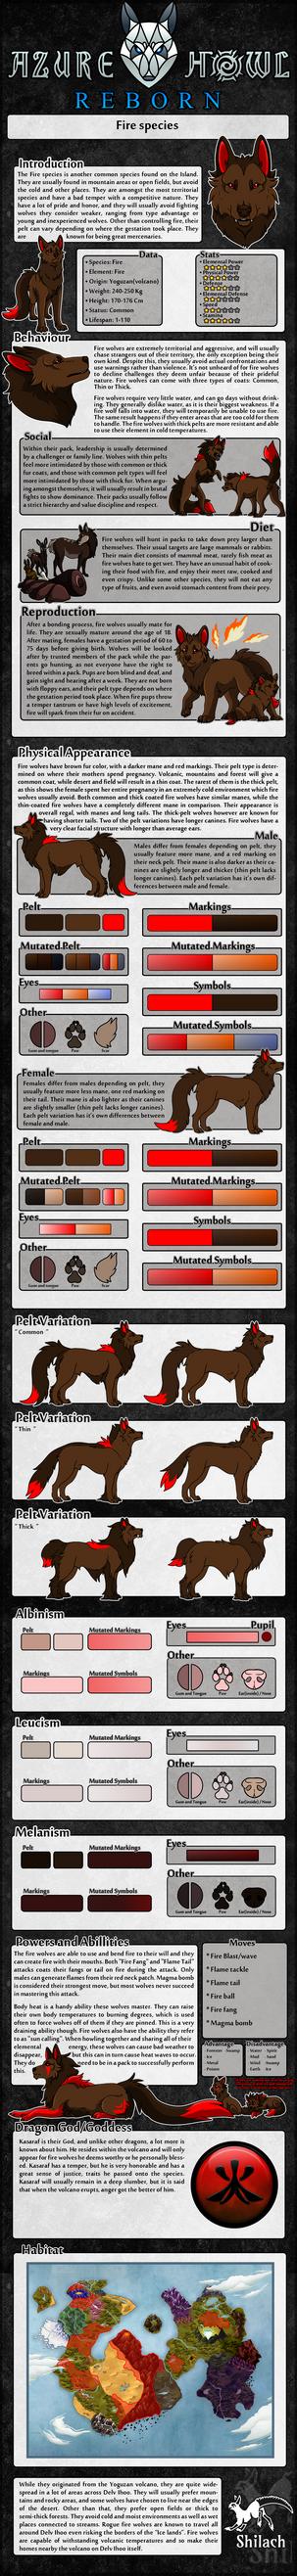 AzureHowl Reborn - Fire species